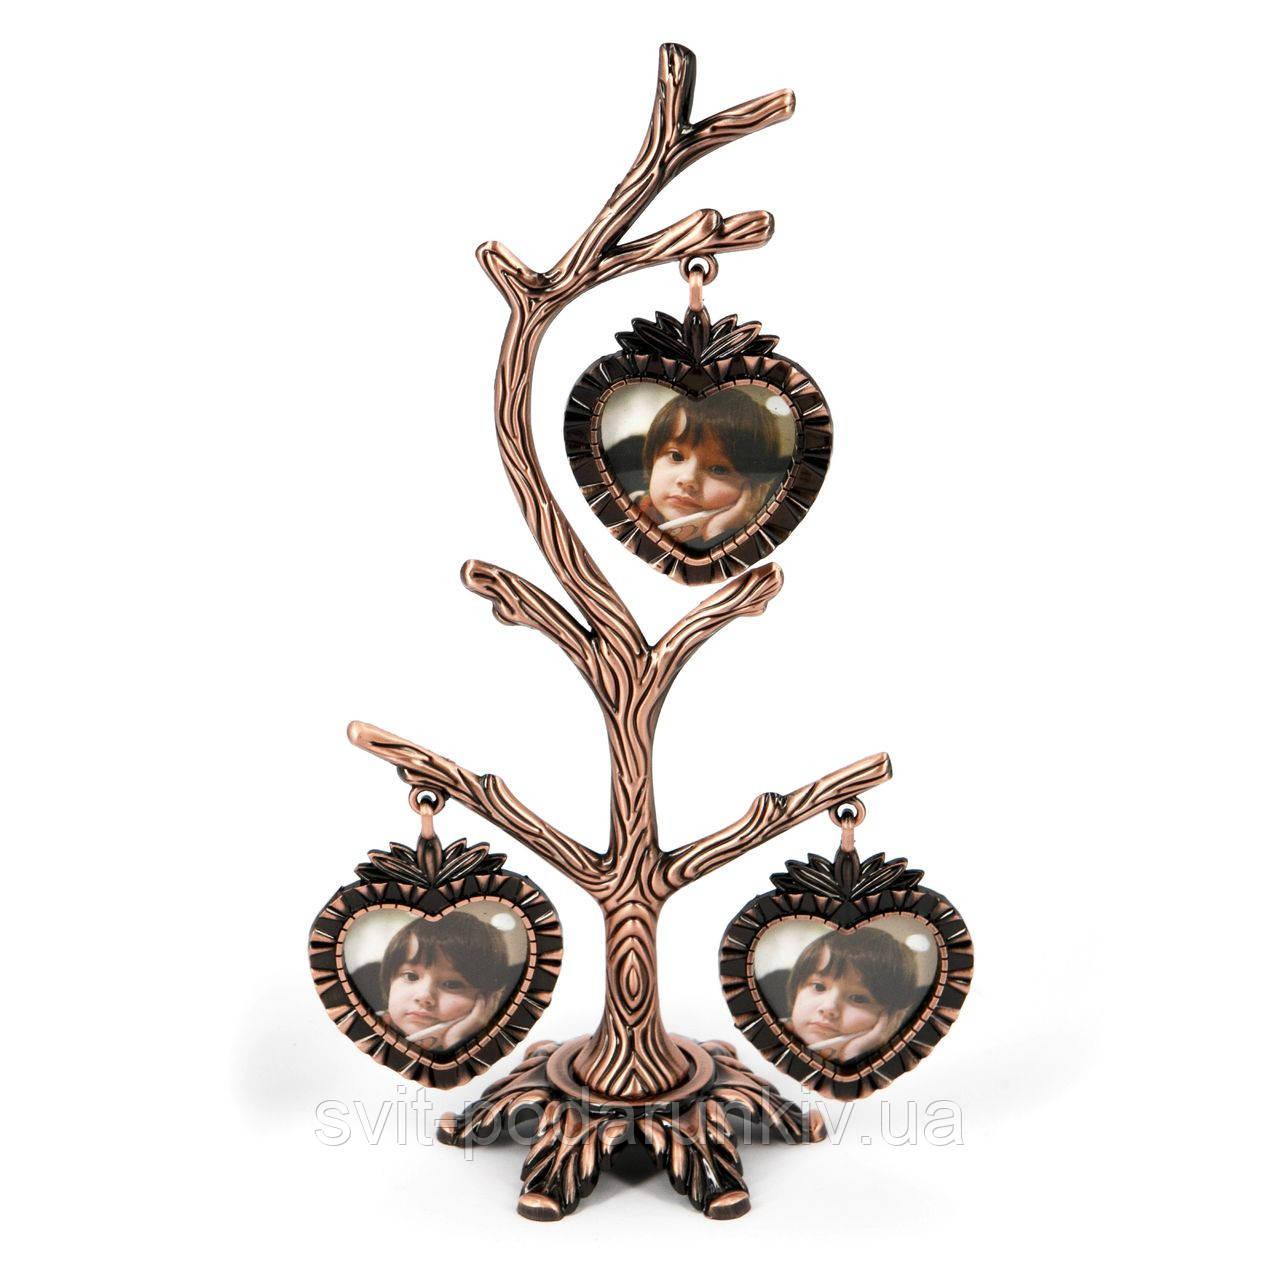 Фамільне дерево або рамка сімейне дерево на 3 фото в вигляді сердечок YLSV027